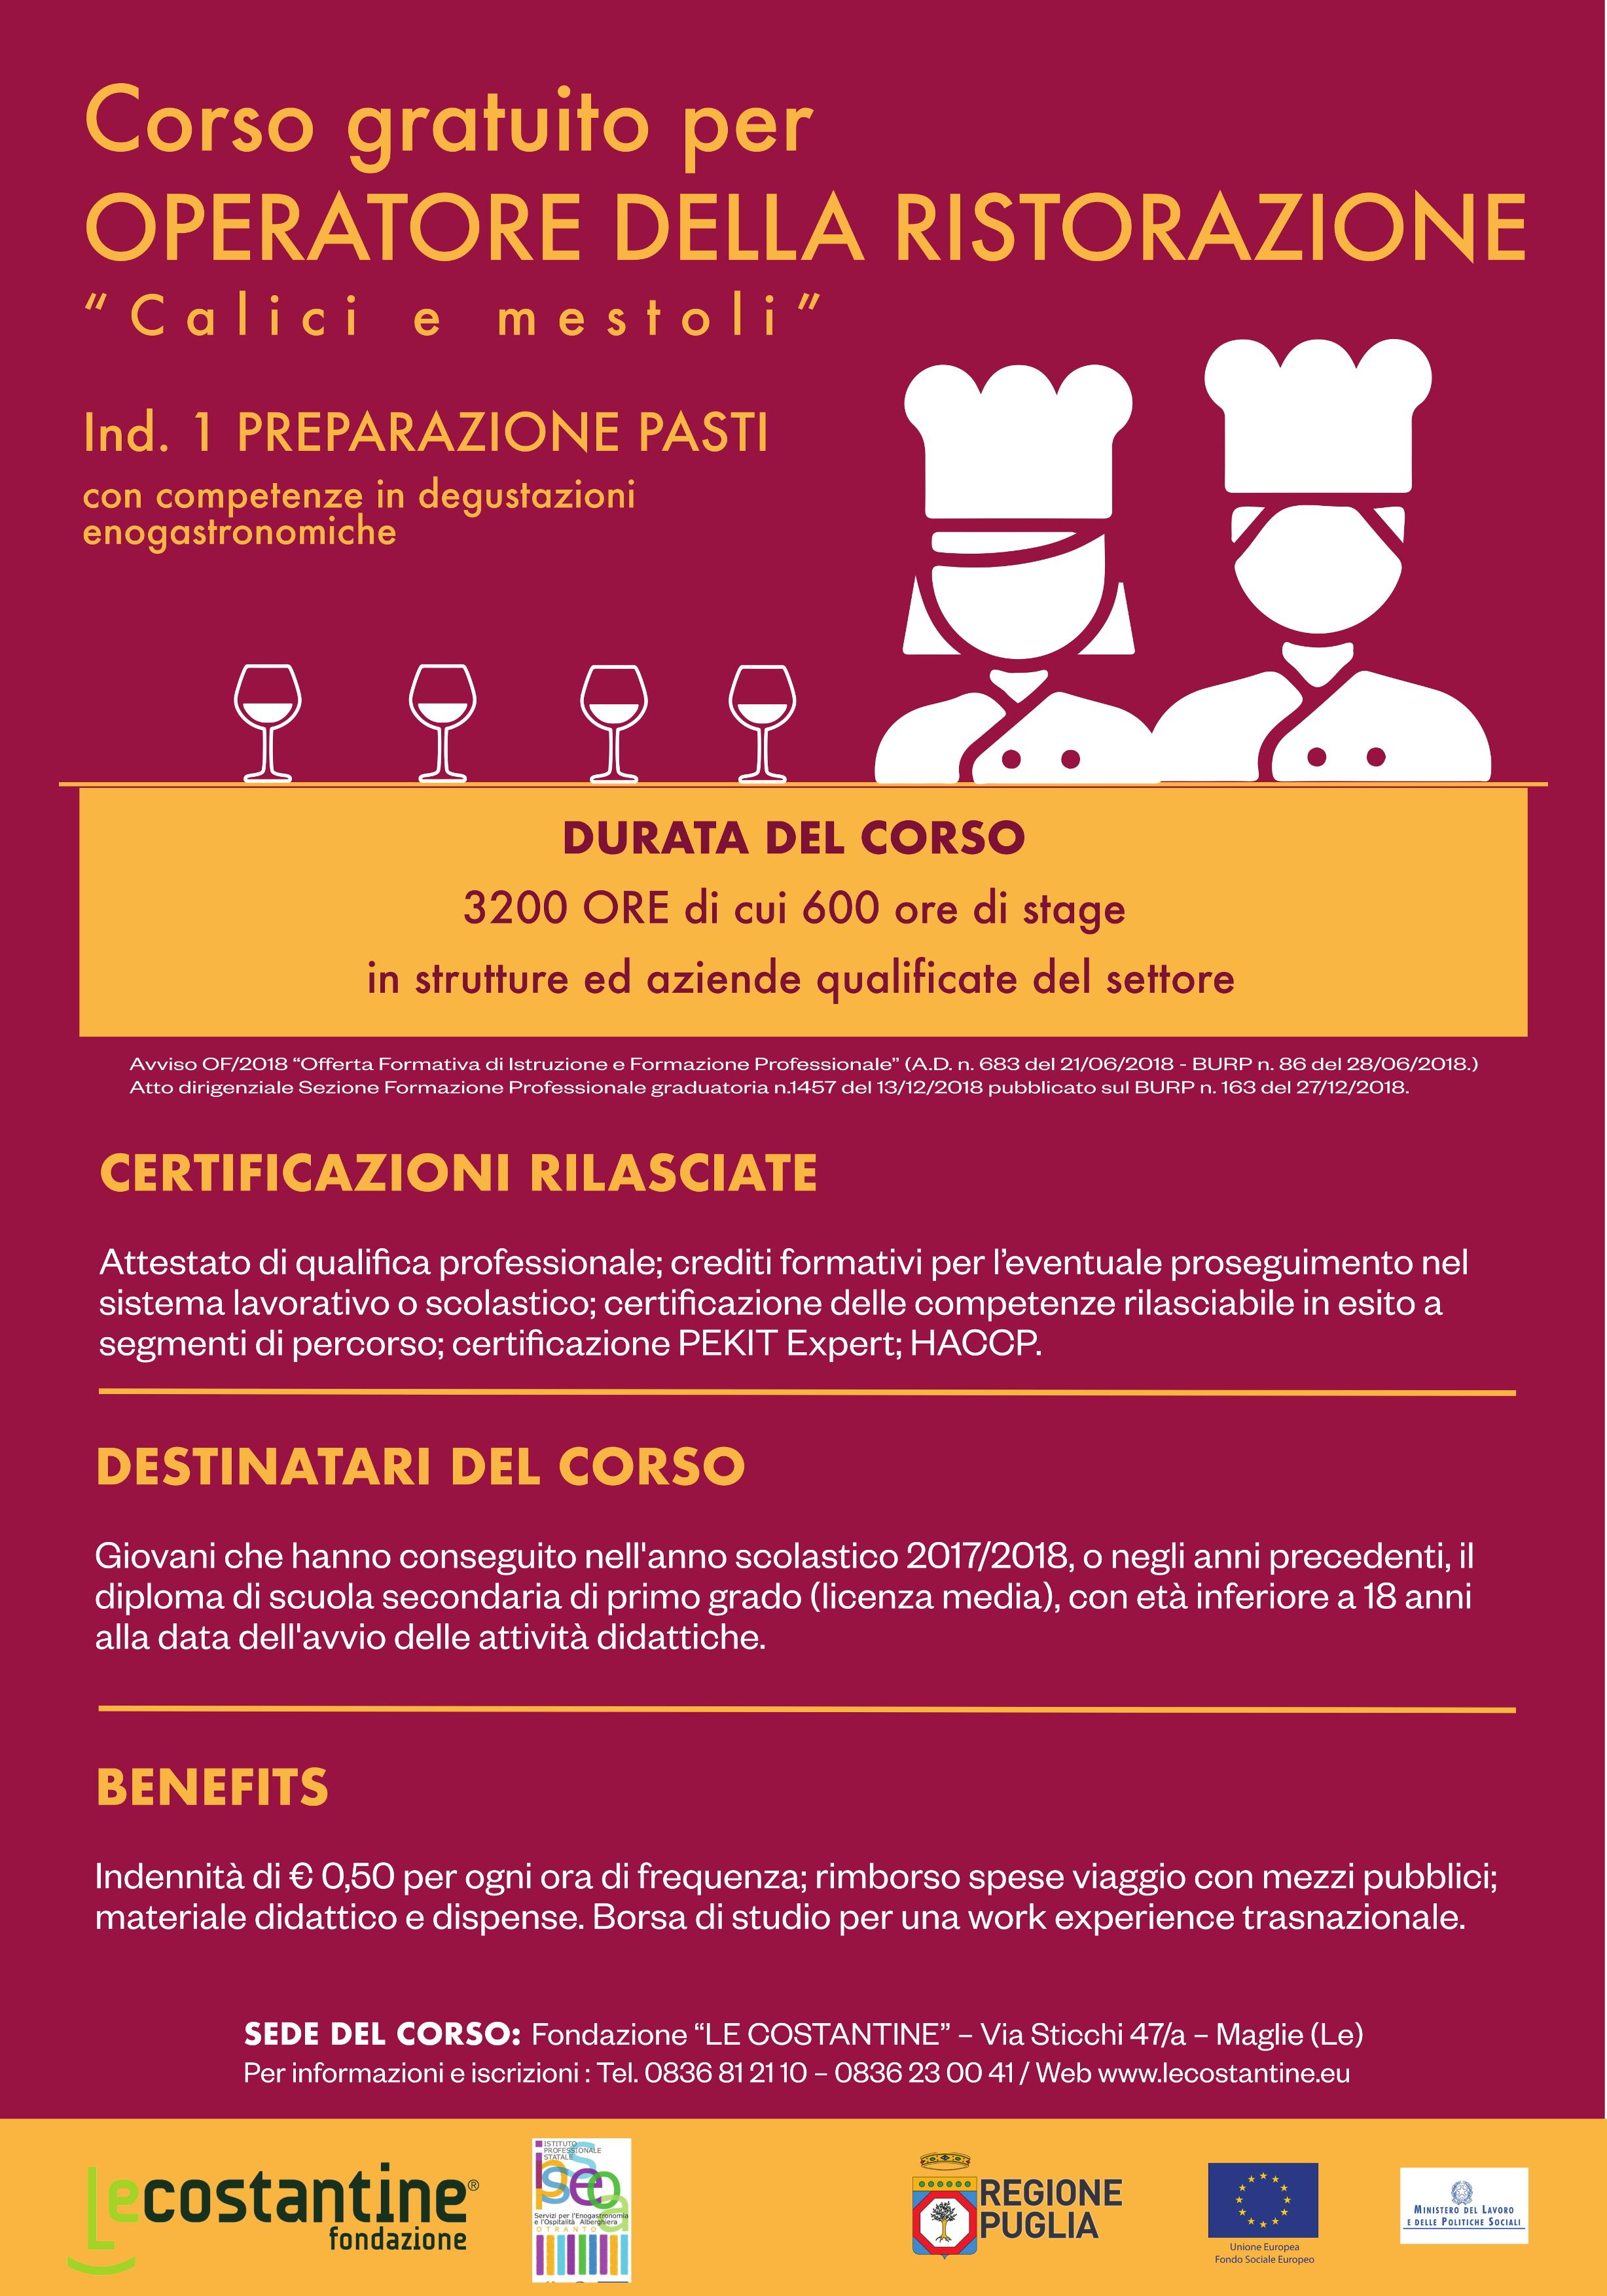 Fondazione Le Costantine - Corso per Operatore della Ristorazione Calici e mestoli